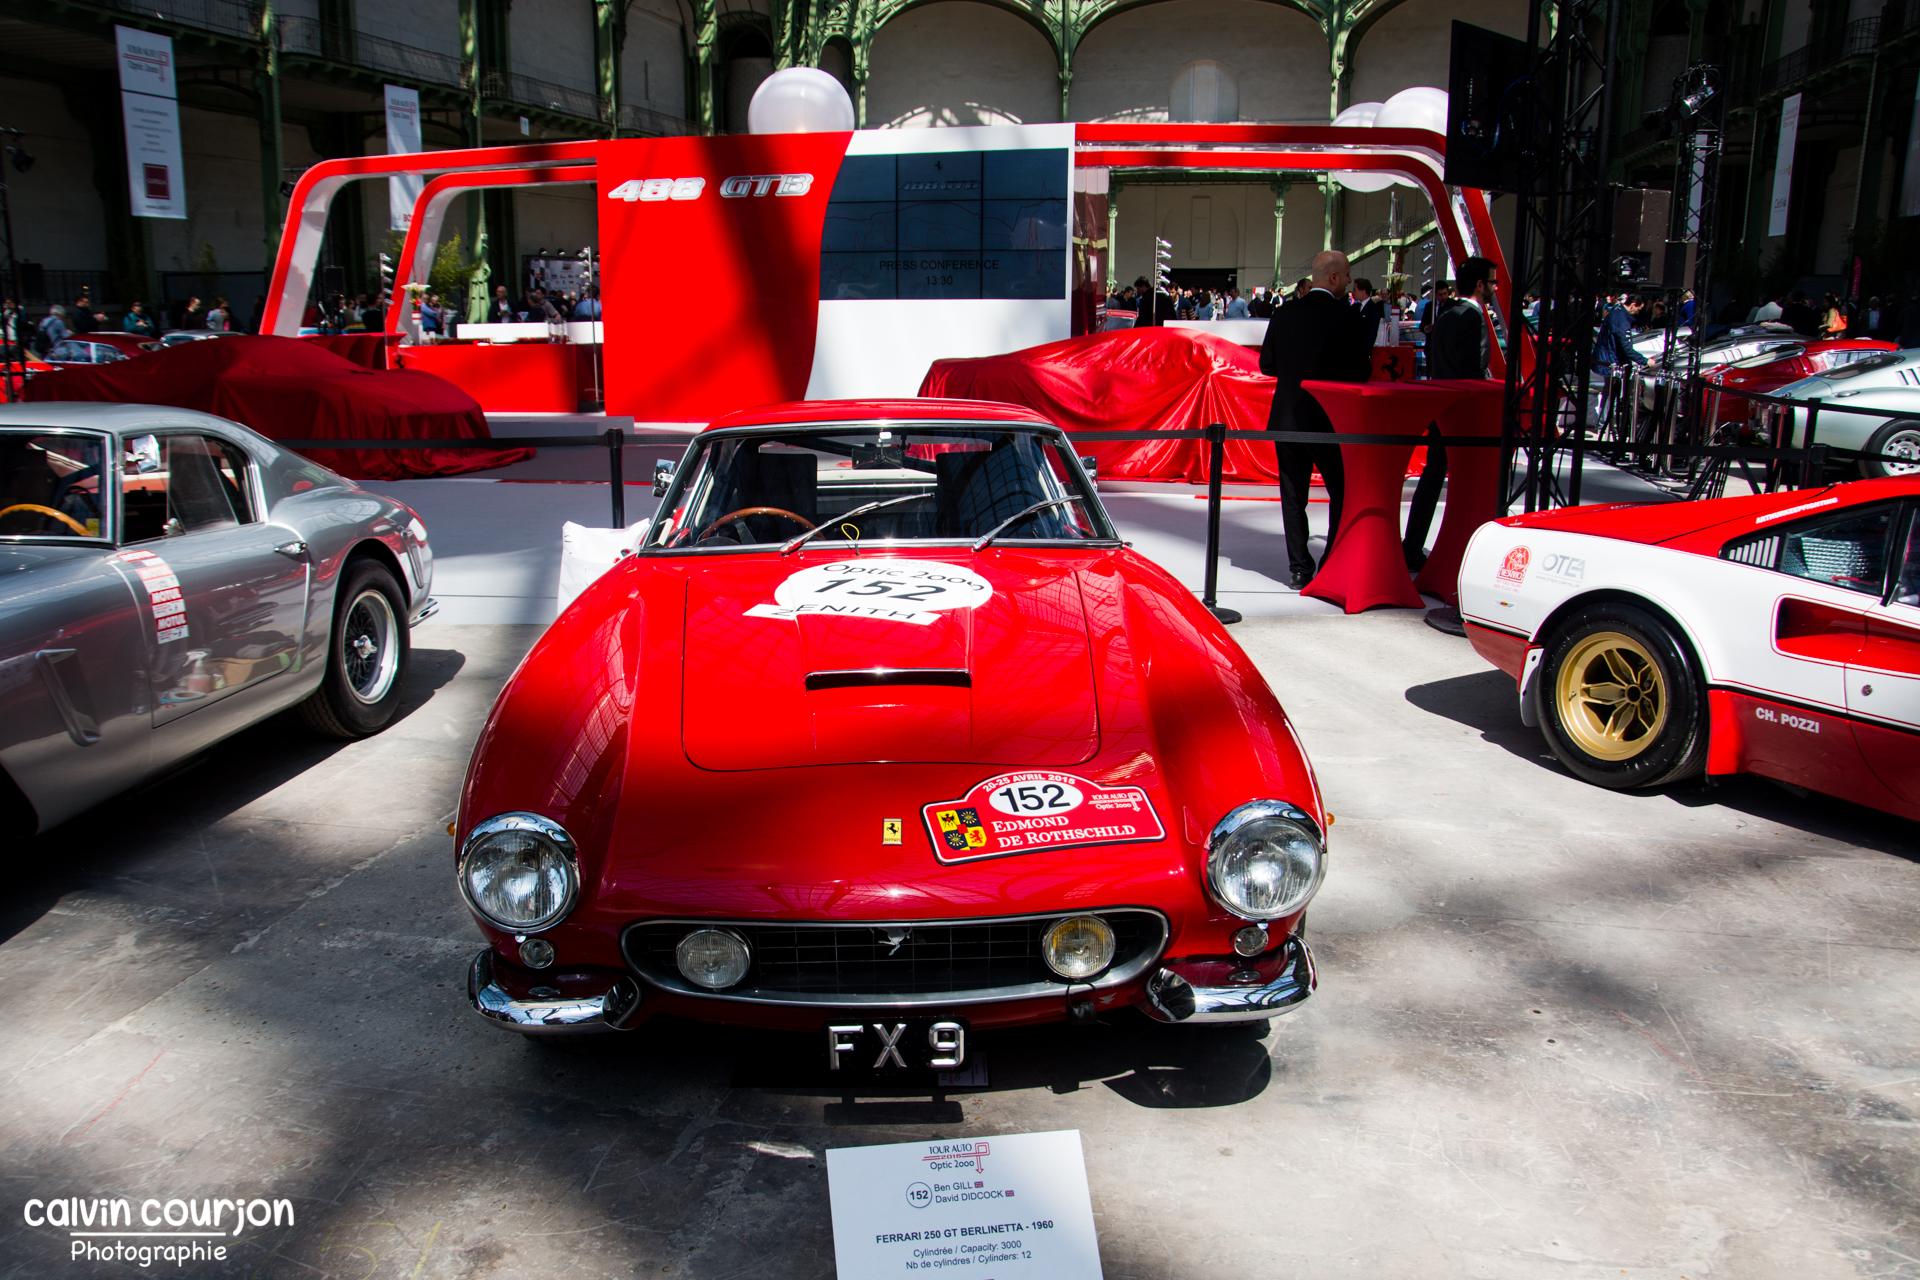 Ferrari 250 SWB - Tour Auto 2015 - Calvin Courjon Photographie